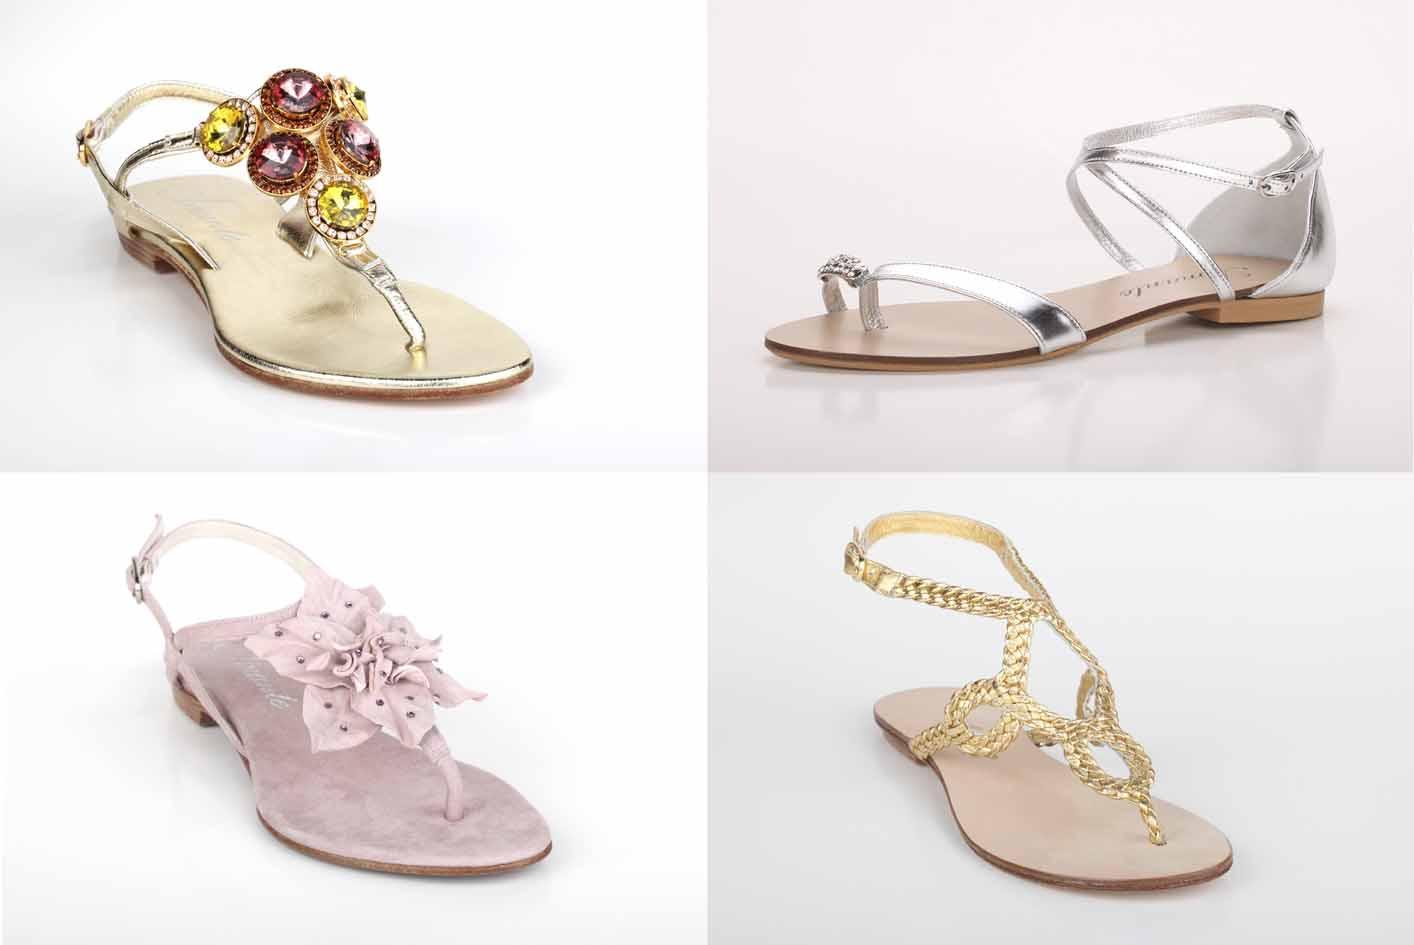 Fashion & Beauty Now: Los Zapatos Amante, La Elección